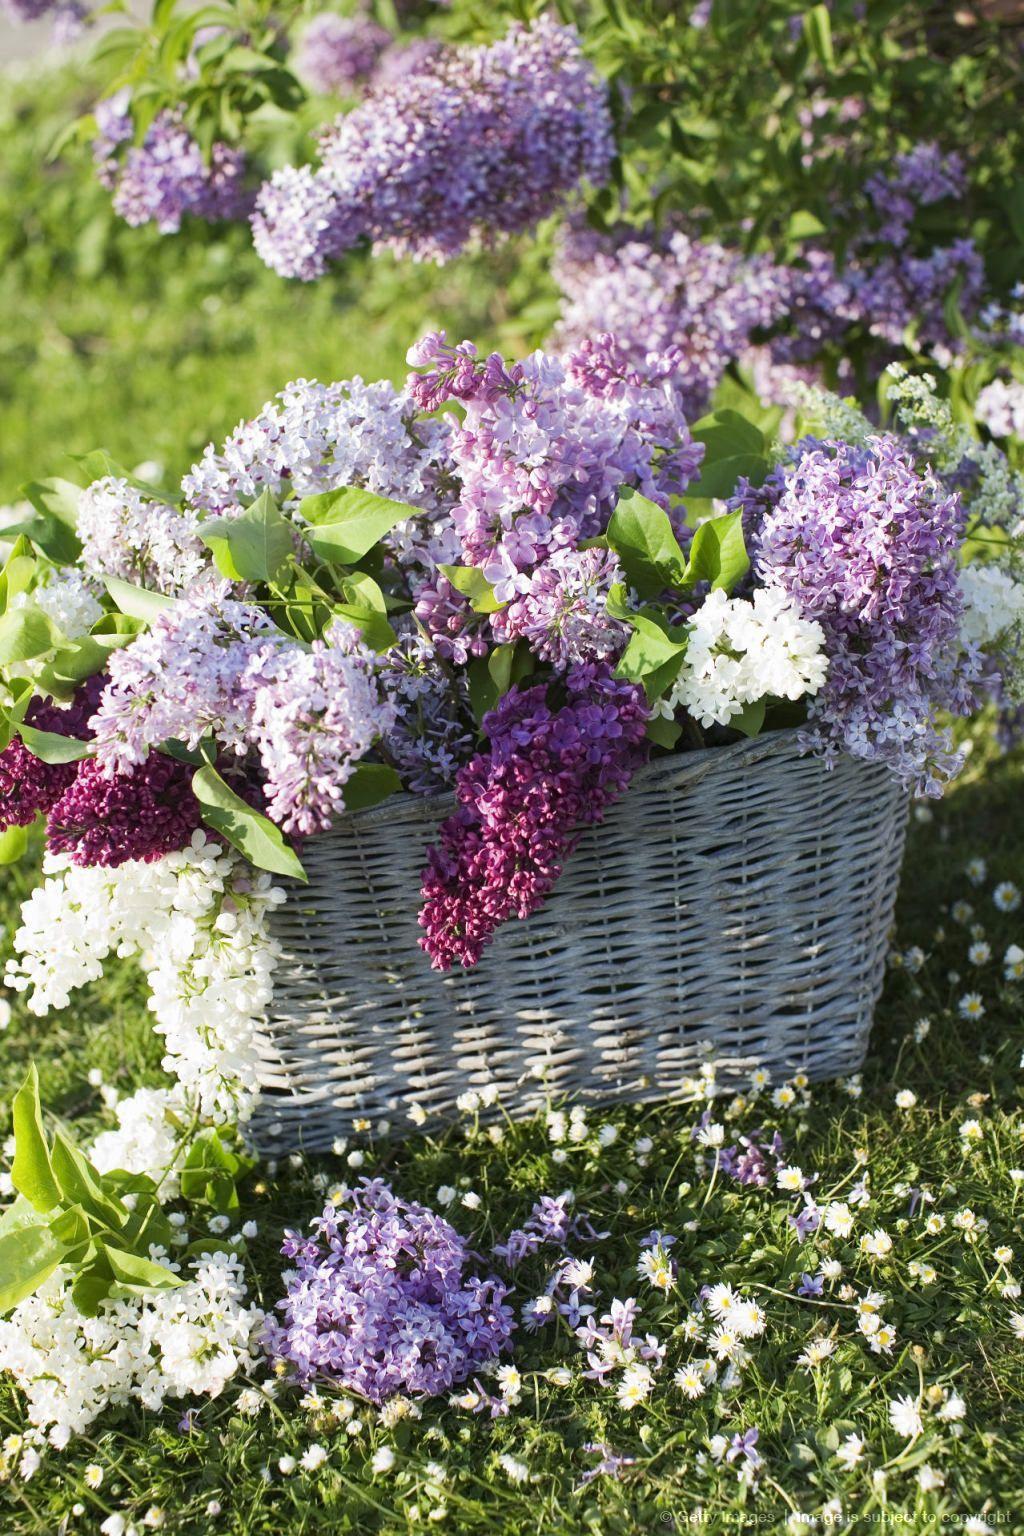 Zoe Anderson Zoeanderson2wb Lilac Flowers Beautiful Flowers Purple Flowers